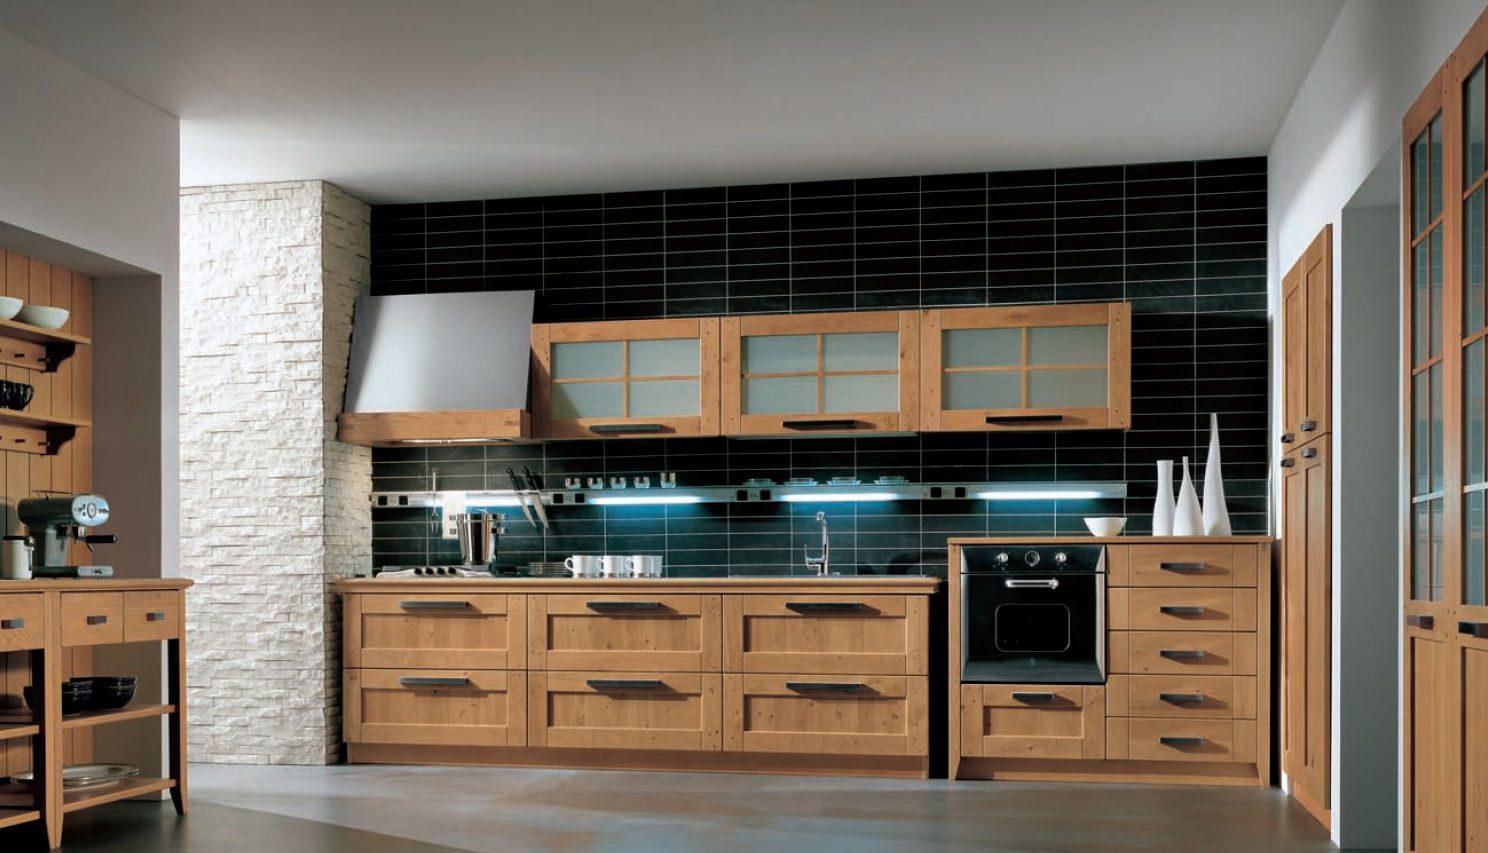 De reposteros para cocinas modernas con desayunador - Cocinas modernas fotos ...